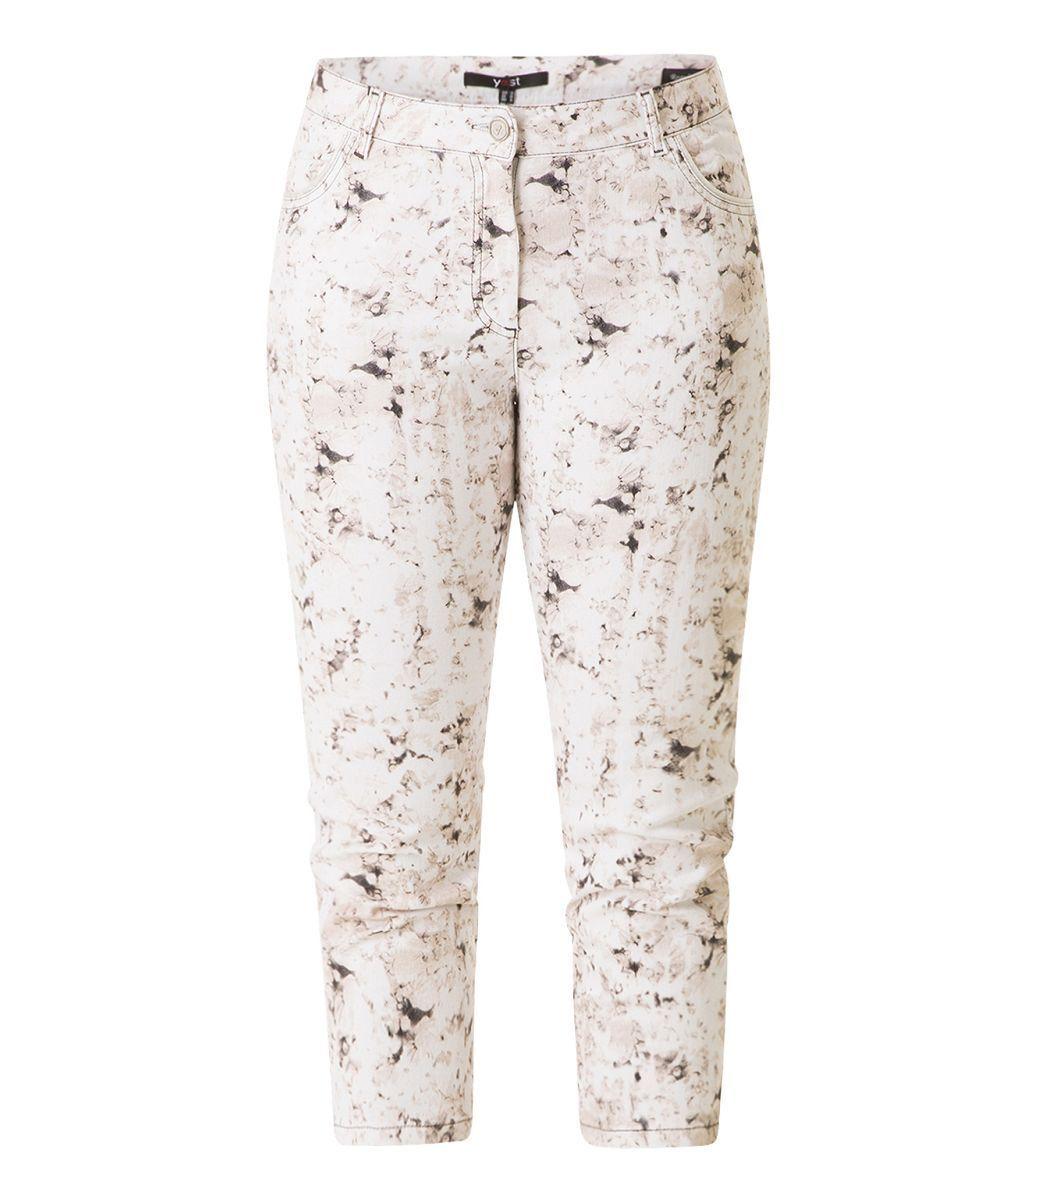 Yesta Stretch Damen Jeans Hose ausgefallen Weiß Braun in 3 4 Länge große Größen